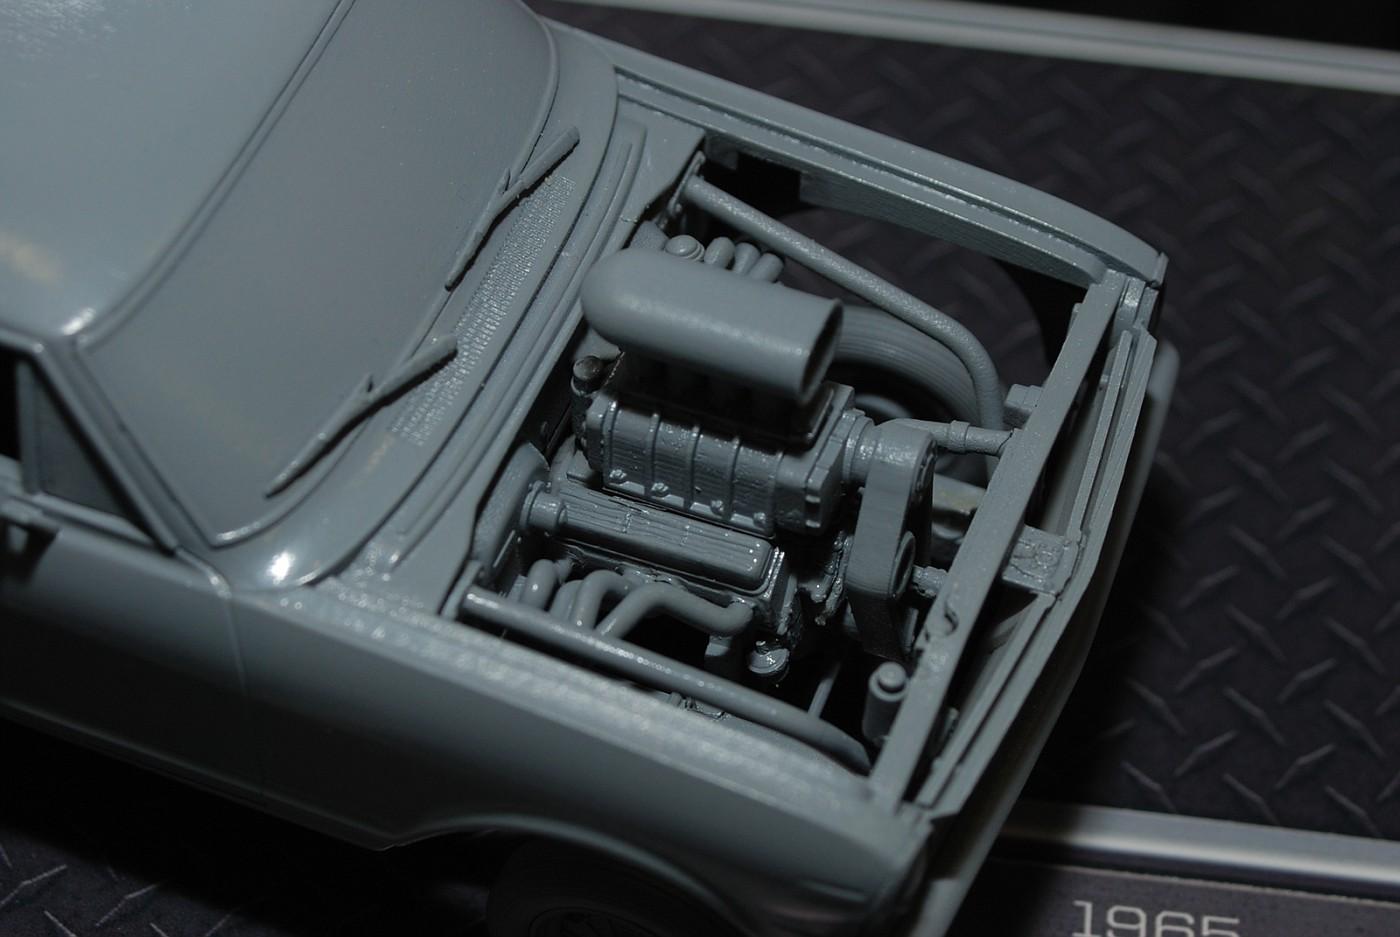 DSC 0940